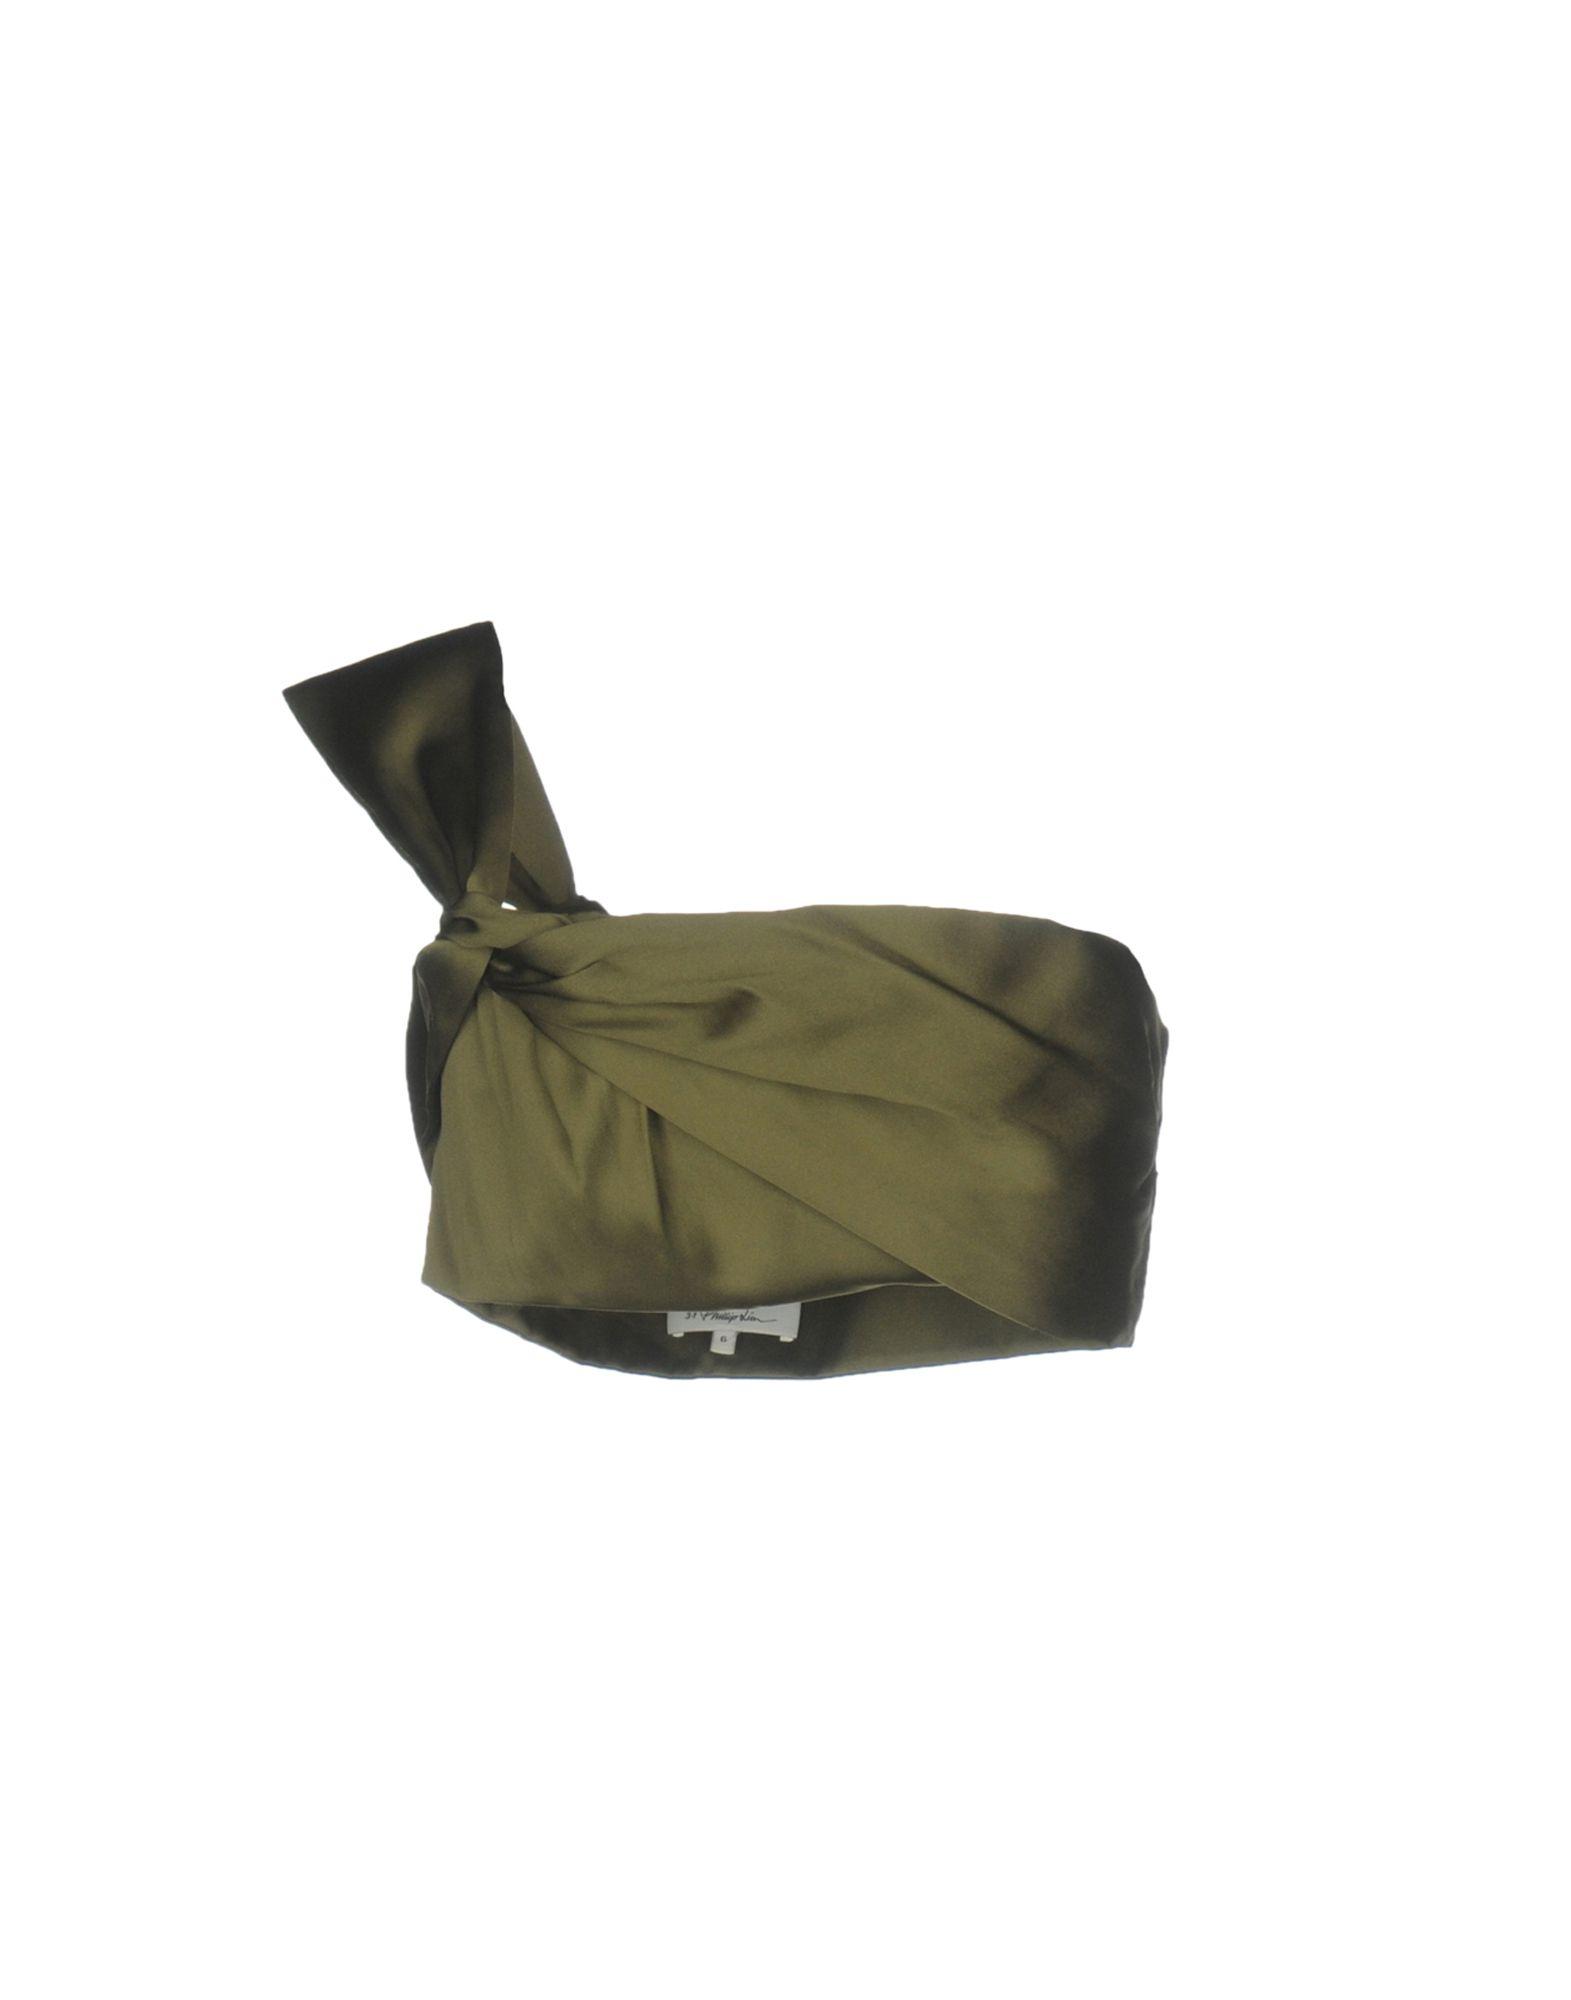 3.1 PHILLIP LIM Damen Top Farbe Militärgrün Größe 4 jetztbilligerkaufen